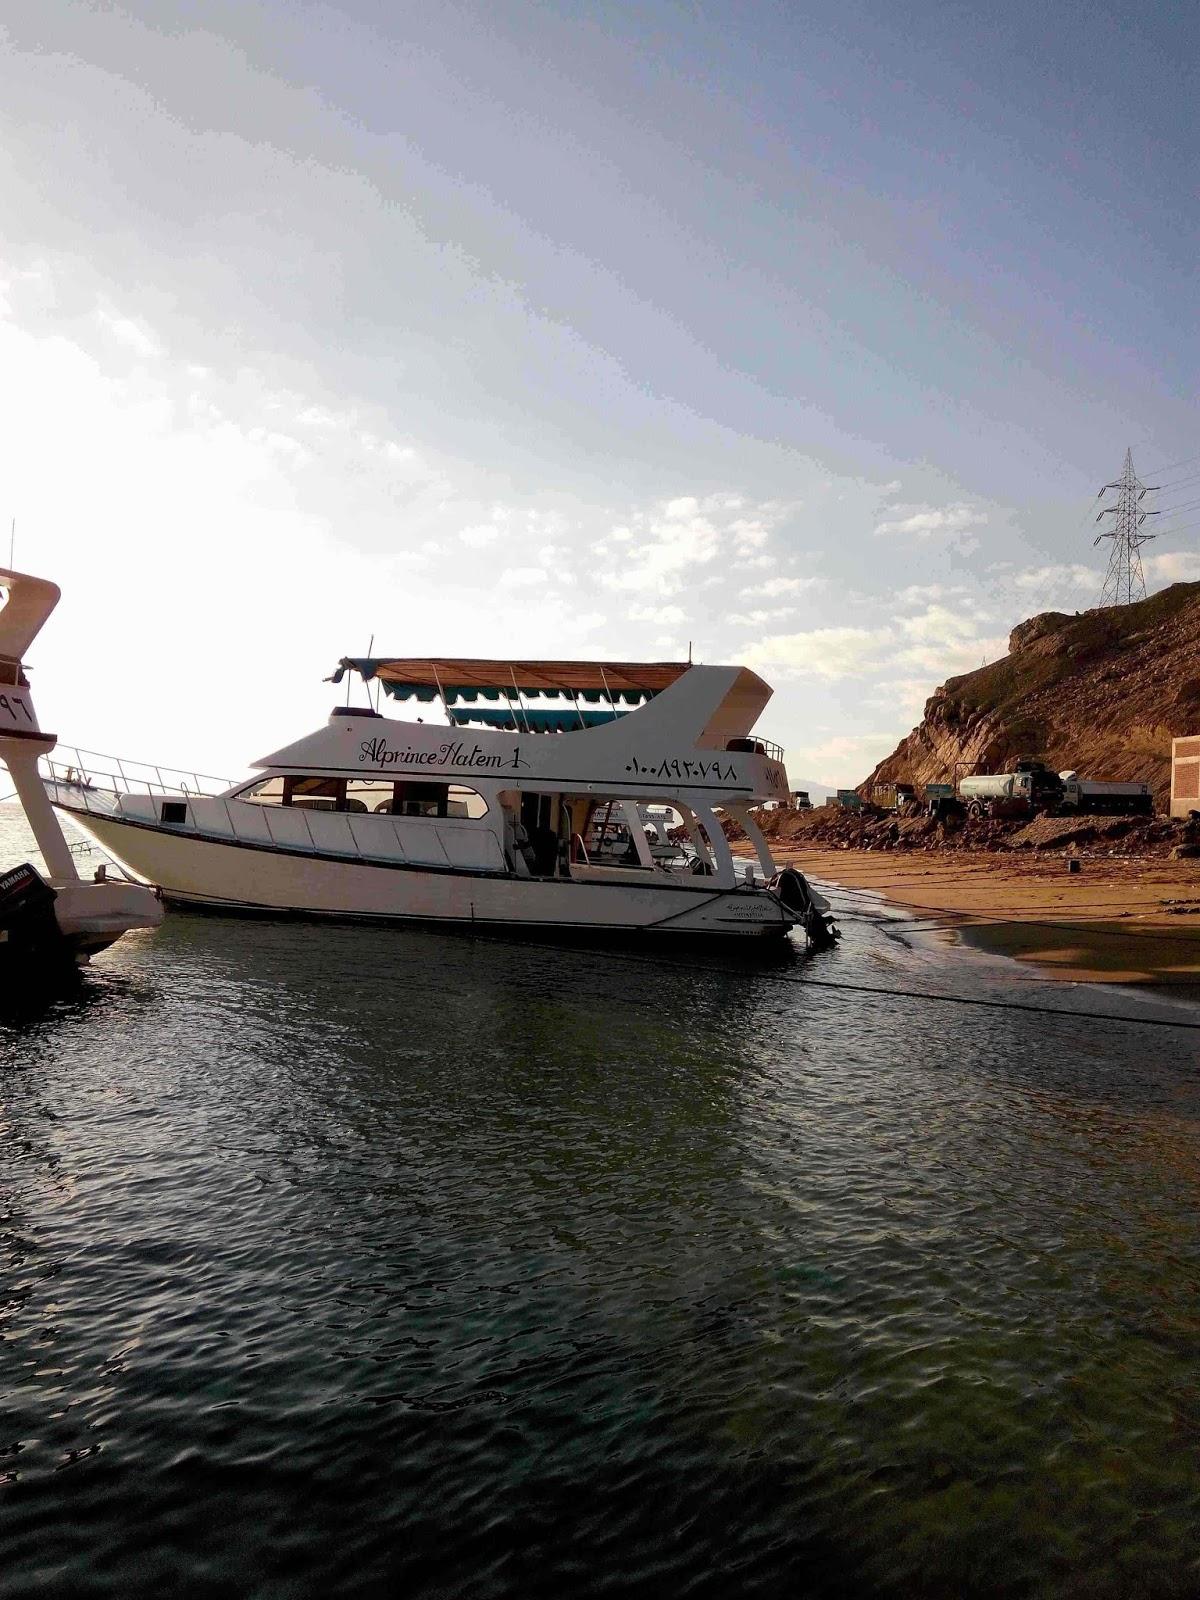 تصويرى : مرسى لنشات الصيد بالعين السخة (32صورة)